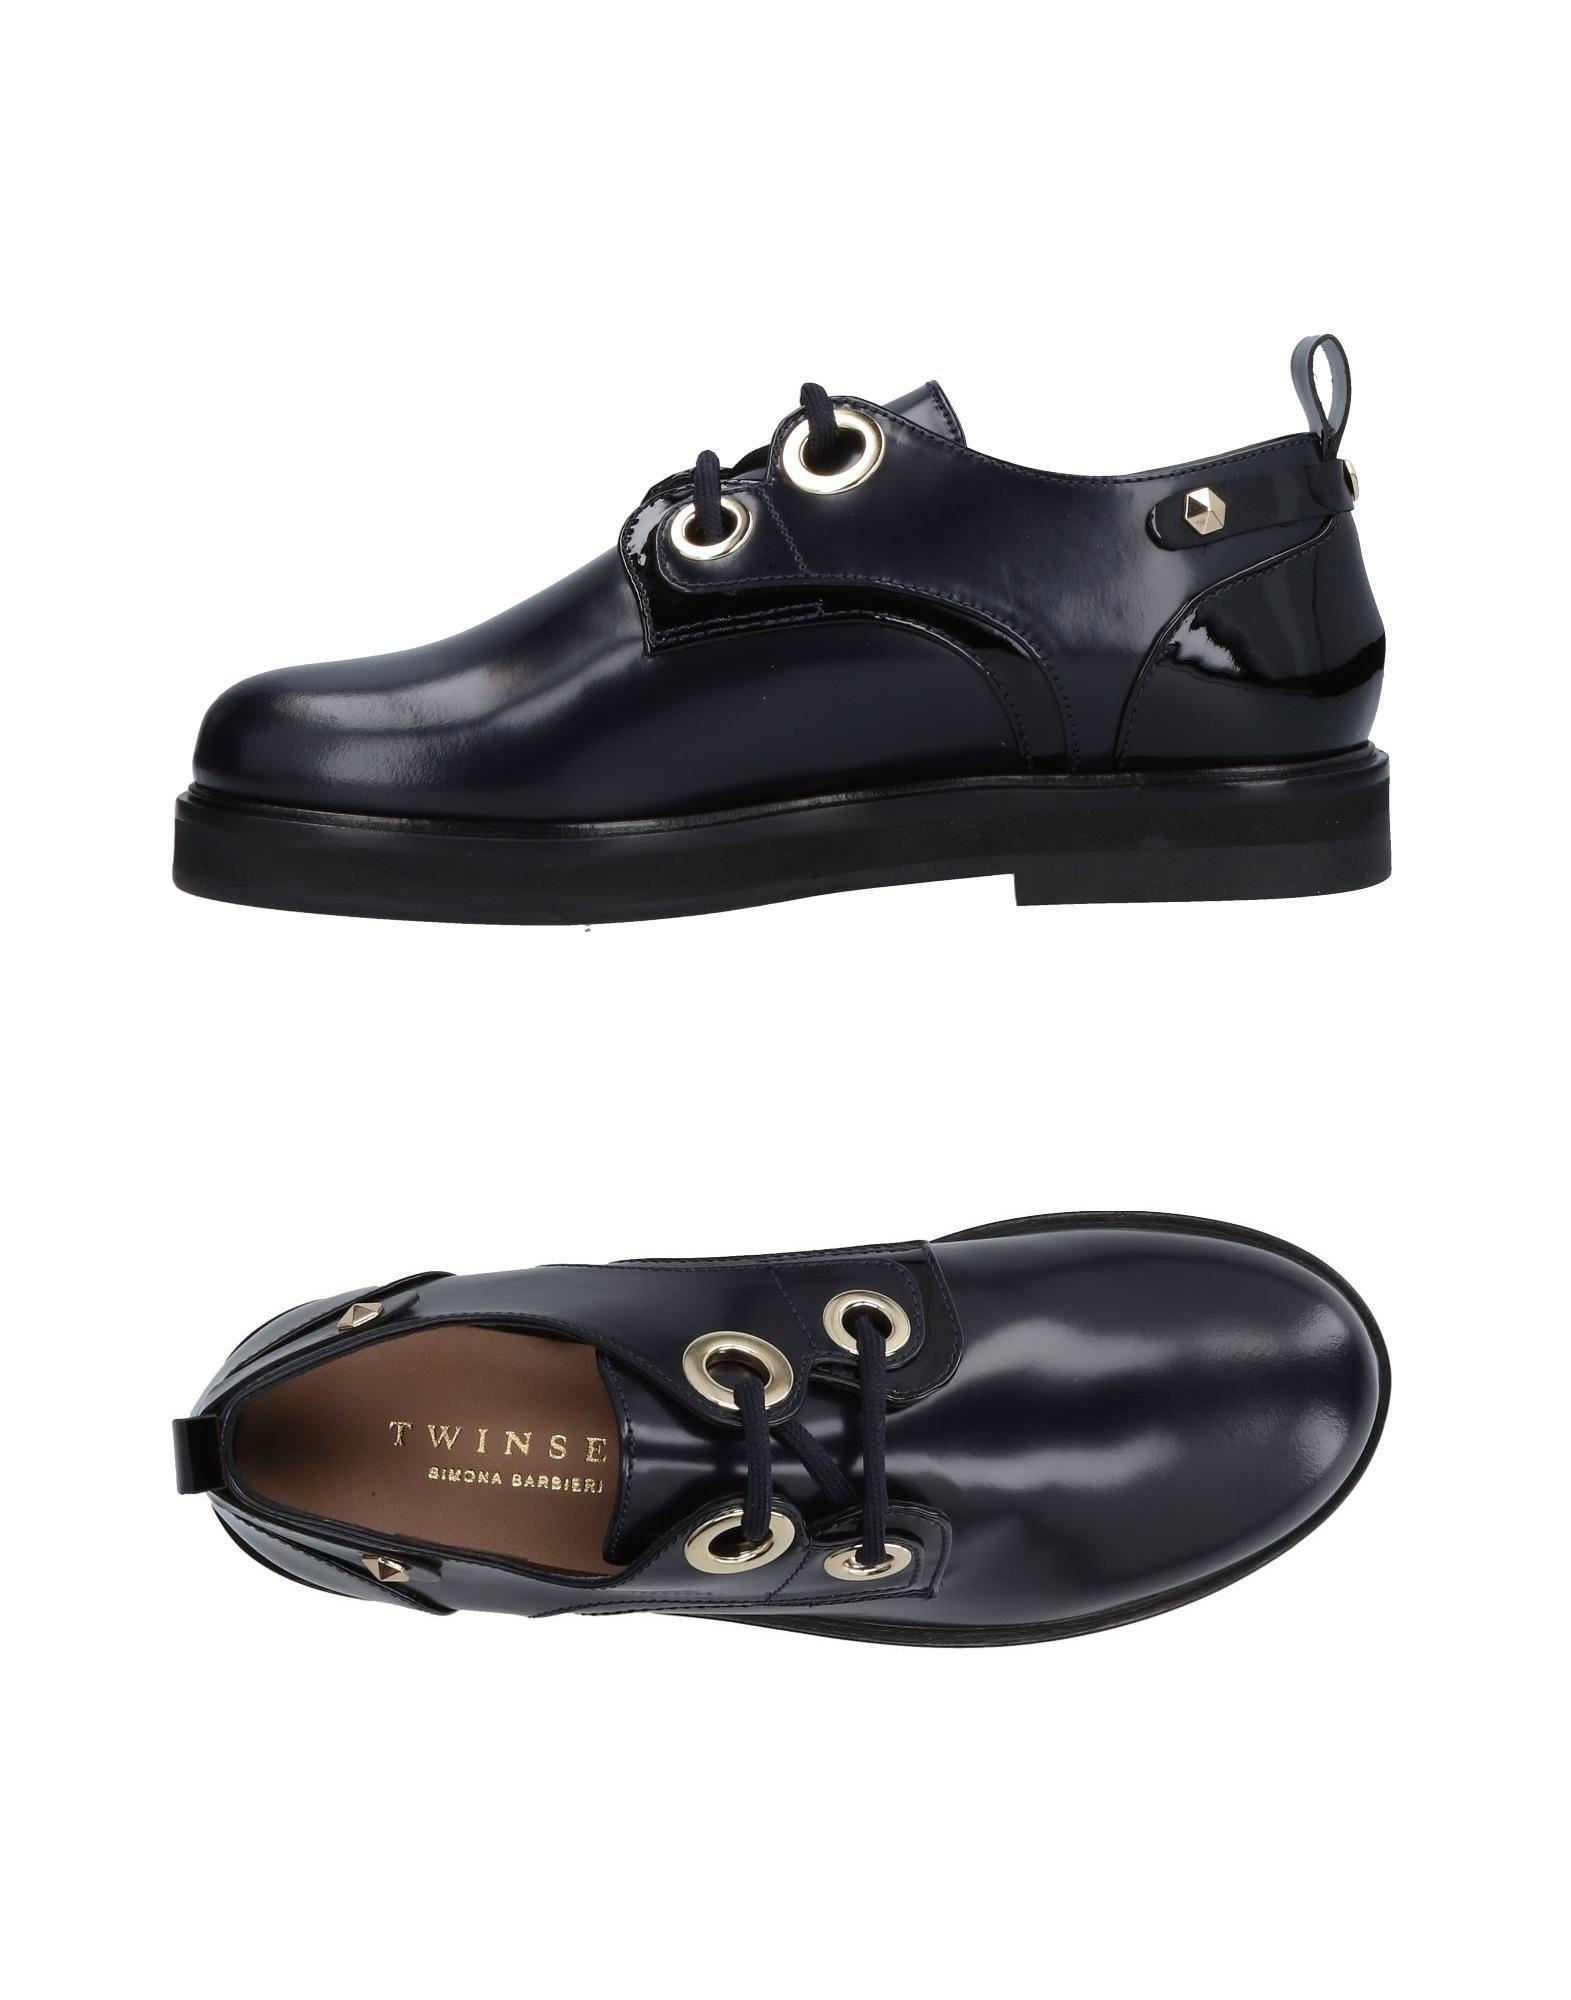 Haltbare 11486558RG Mode billige Schuhe Twin 11486558RG Haltbare Beliebte Schuhe dd1ea1